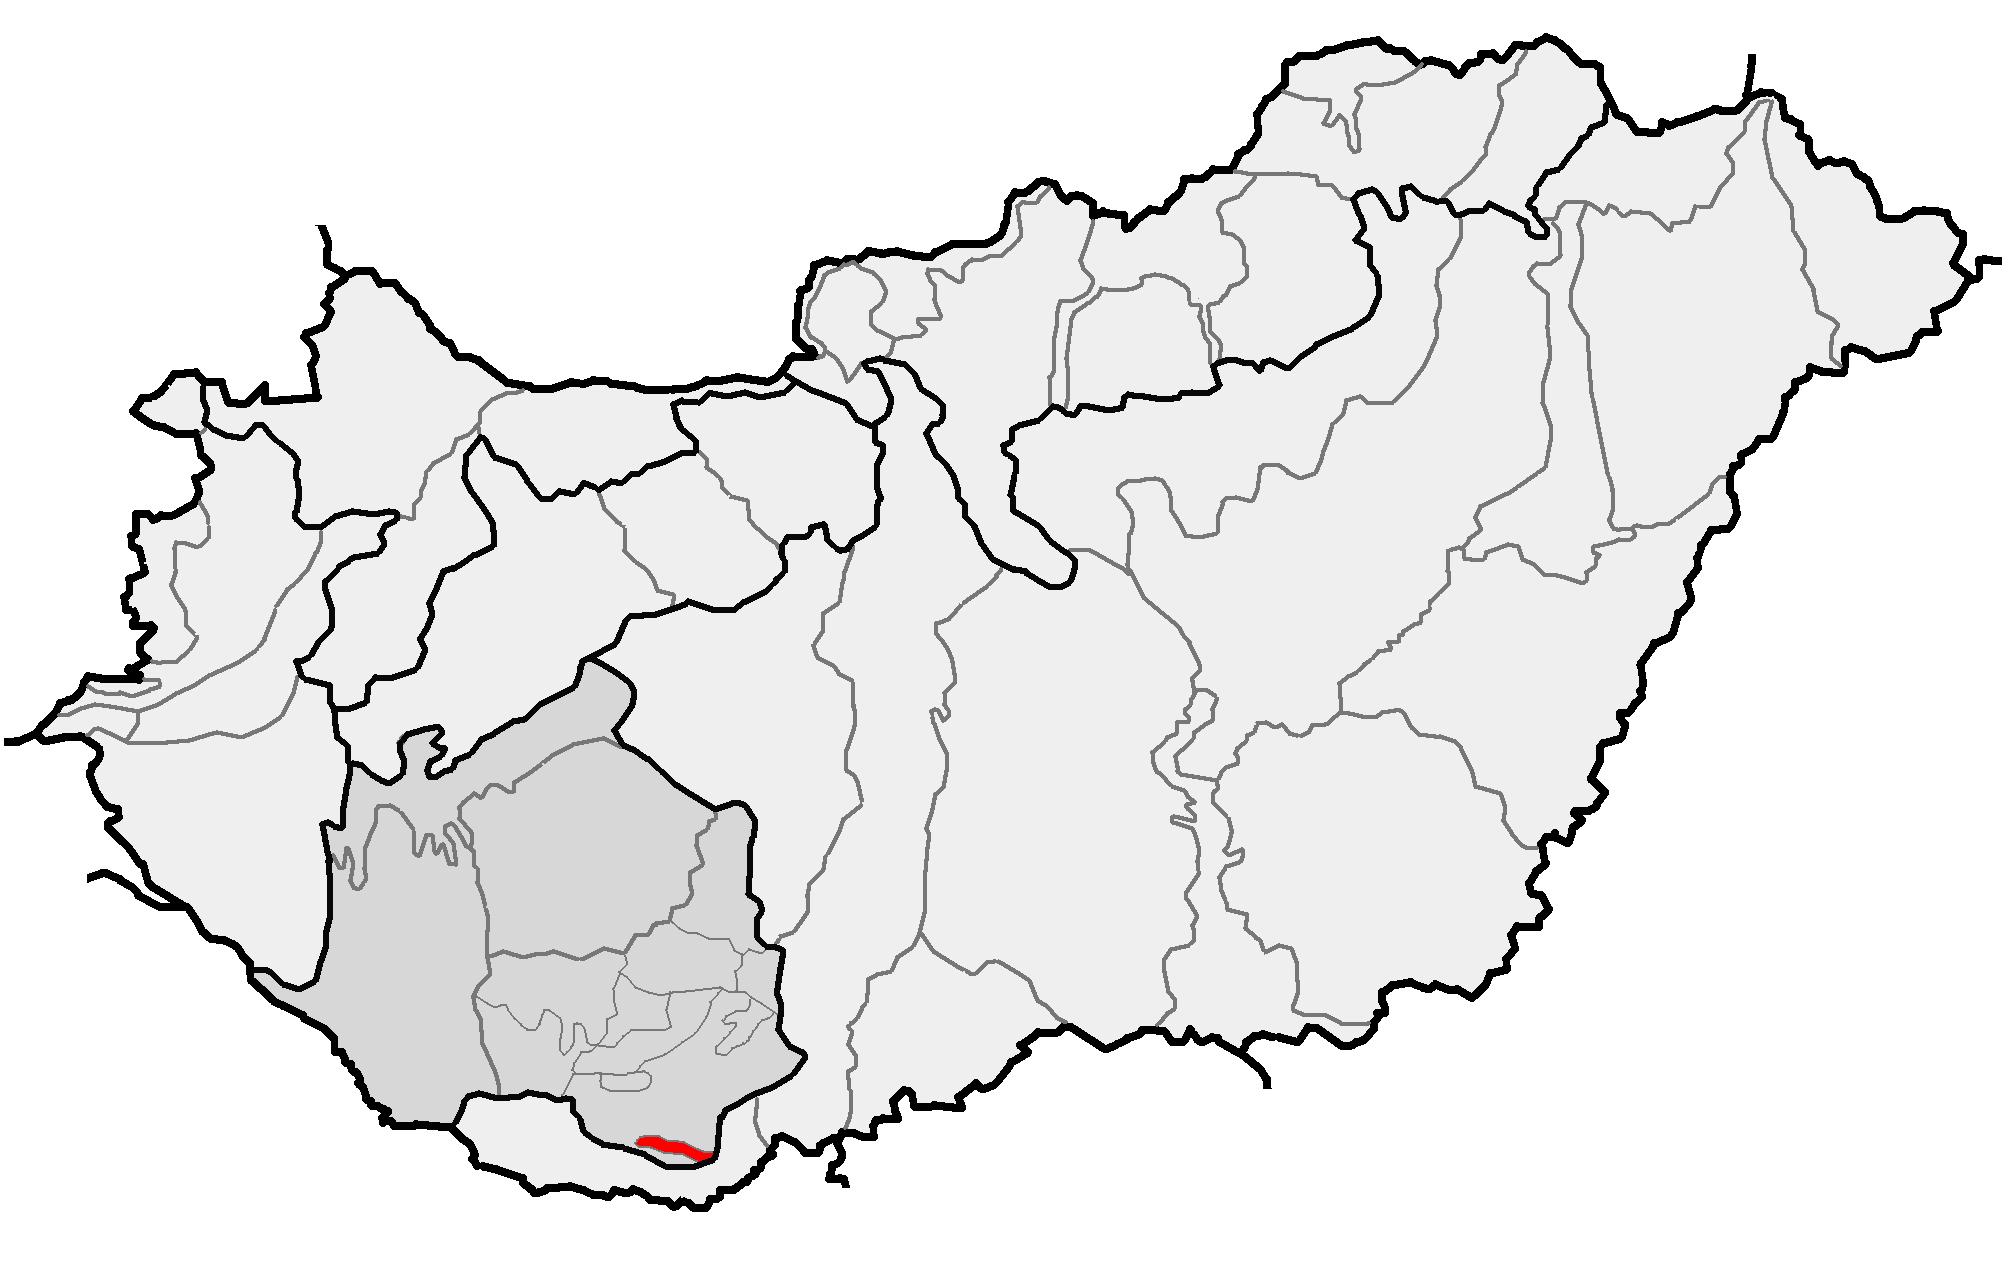 magyarország térkép villány Fájl:HU microregion 4.4.33. Villányi hegység.png – Wikipédia magyarország térkép villány